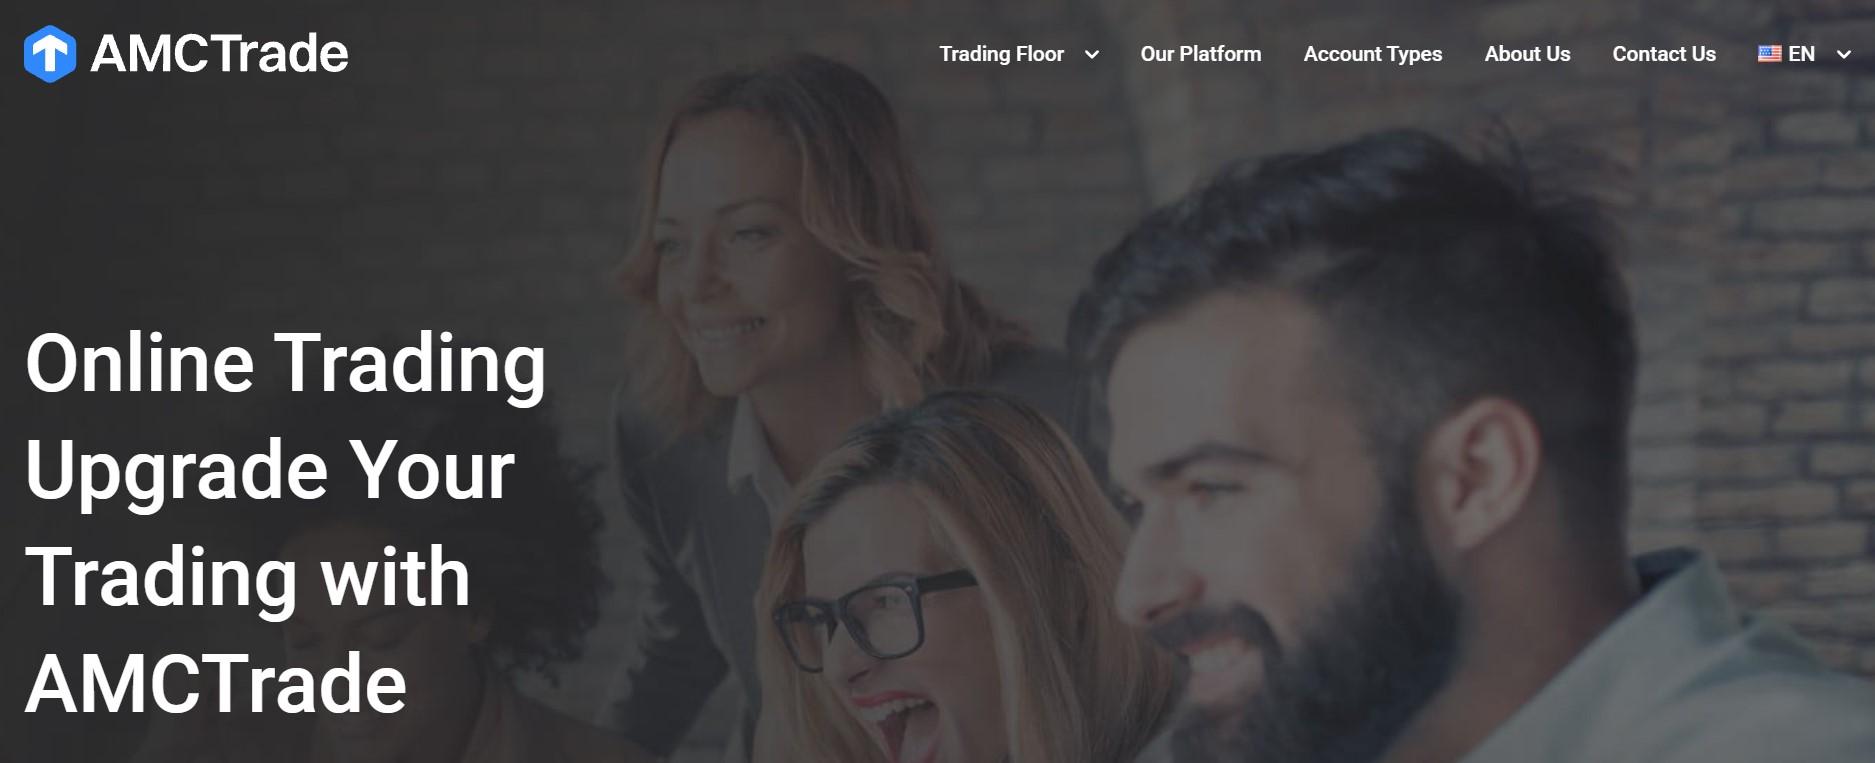 AMCTrade website